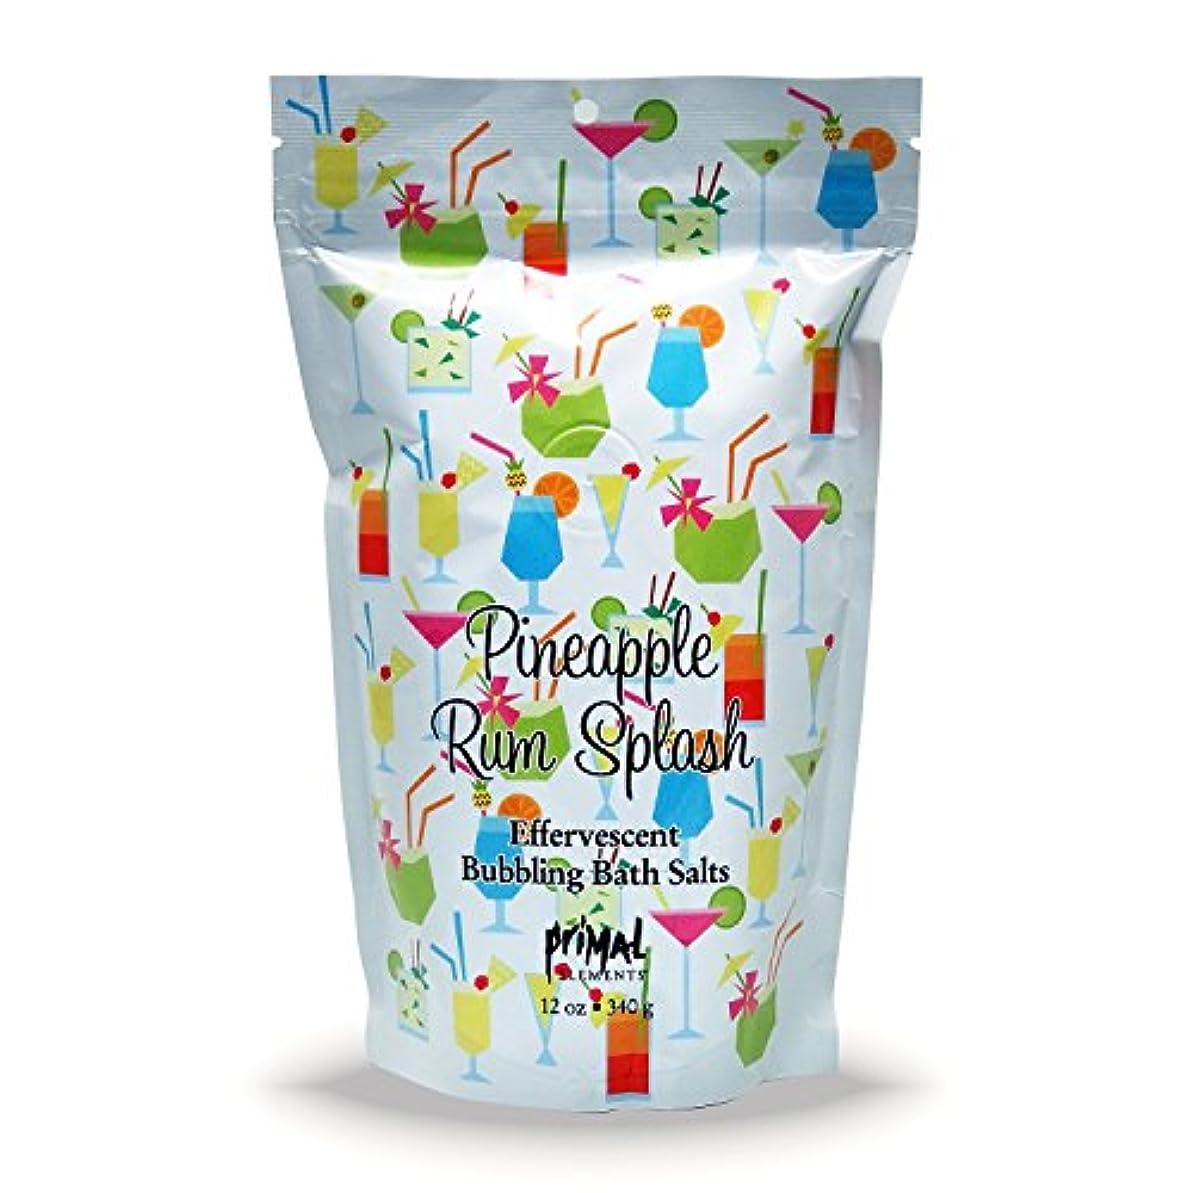 慣性悪意のあるイーウェルプライモールエレメンツ バブリング バスソルト/パイナップル ラム スプラッシュ 340g エプソムソルト含有 アロマの香りがひろがる泡立つ入浴剤